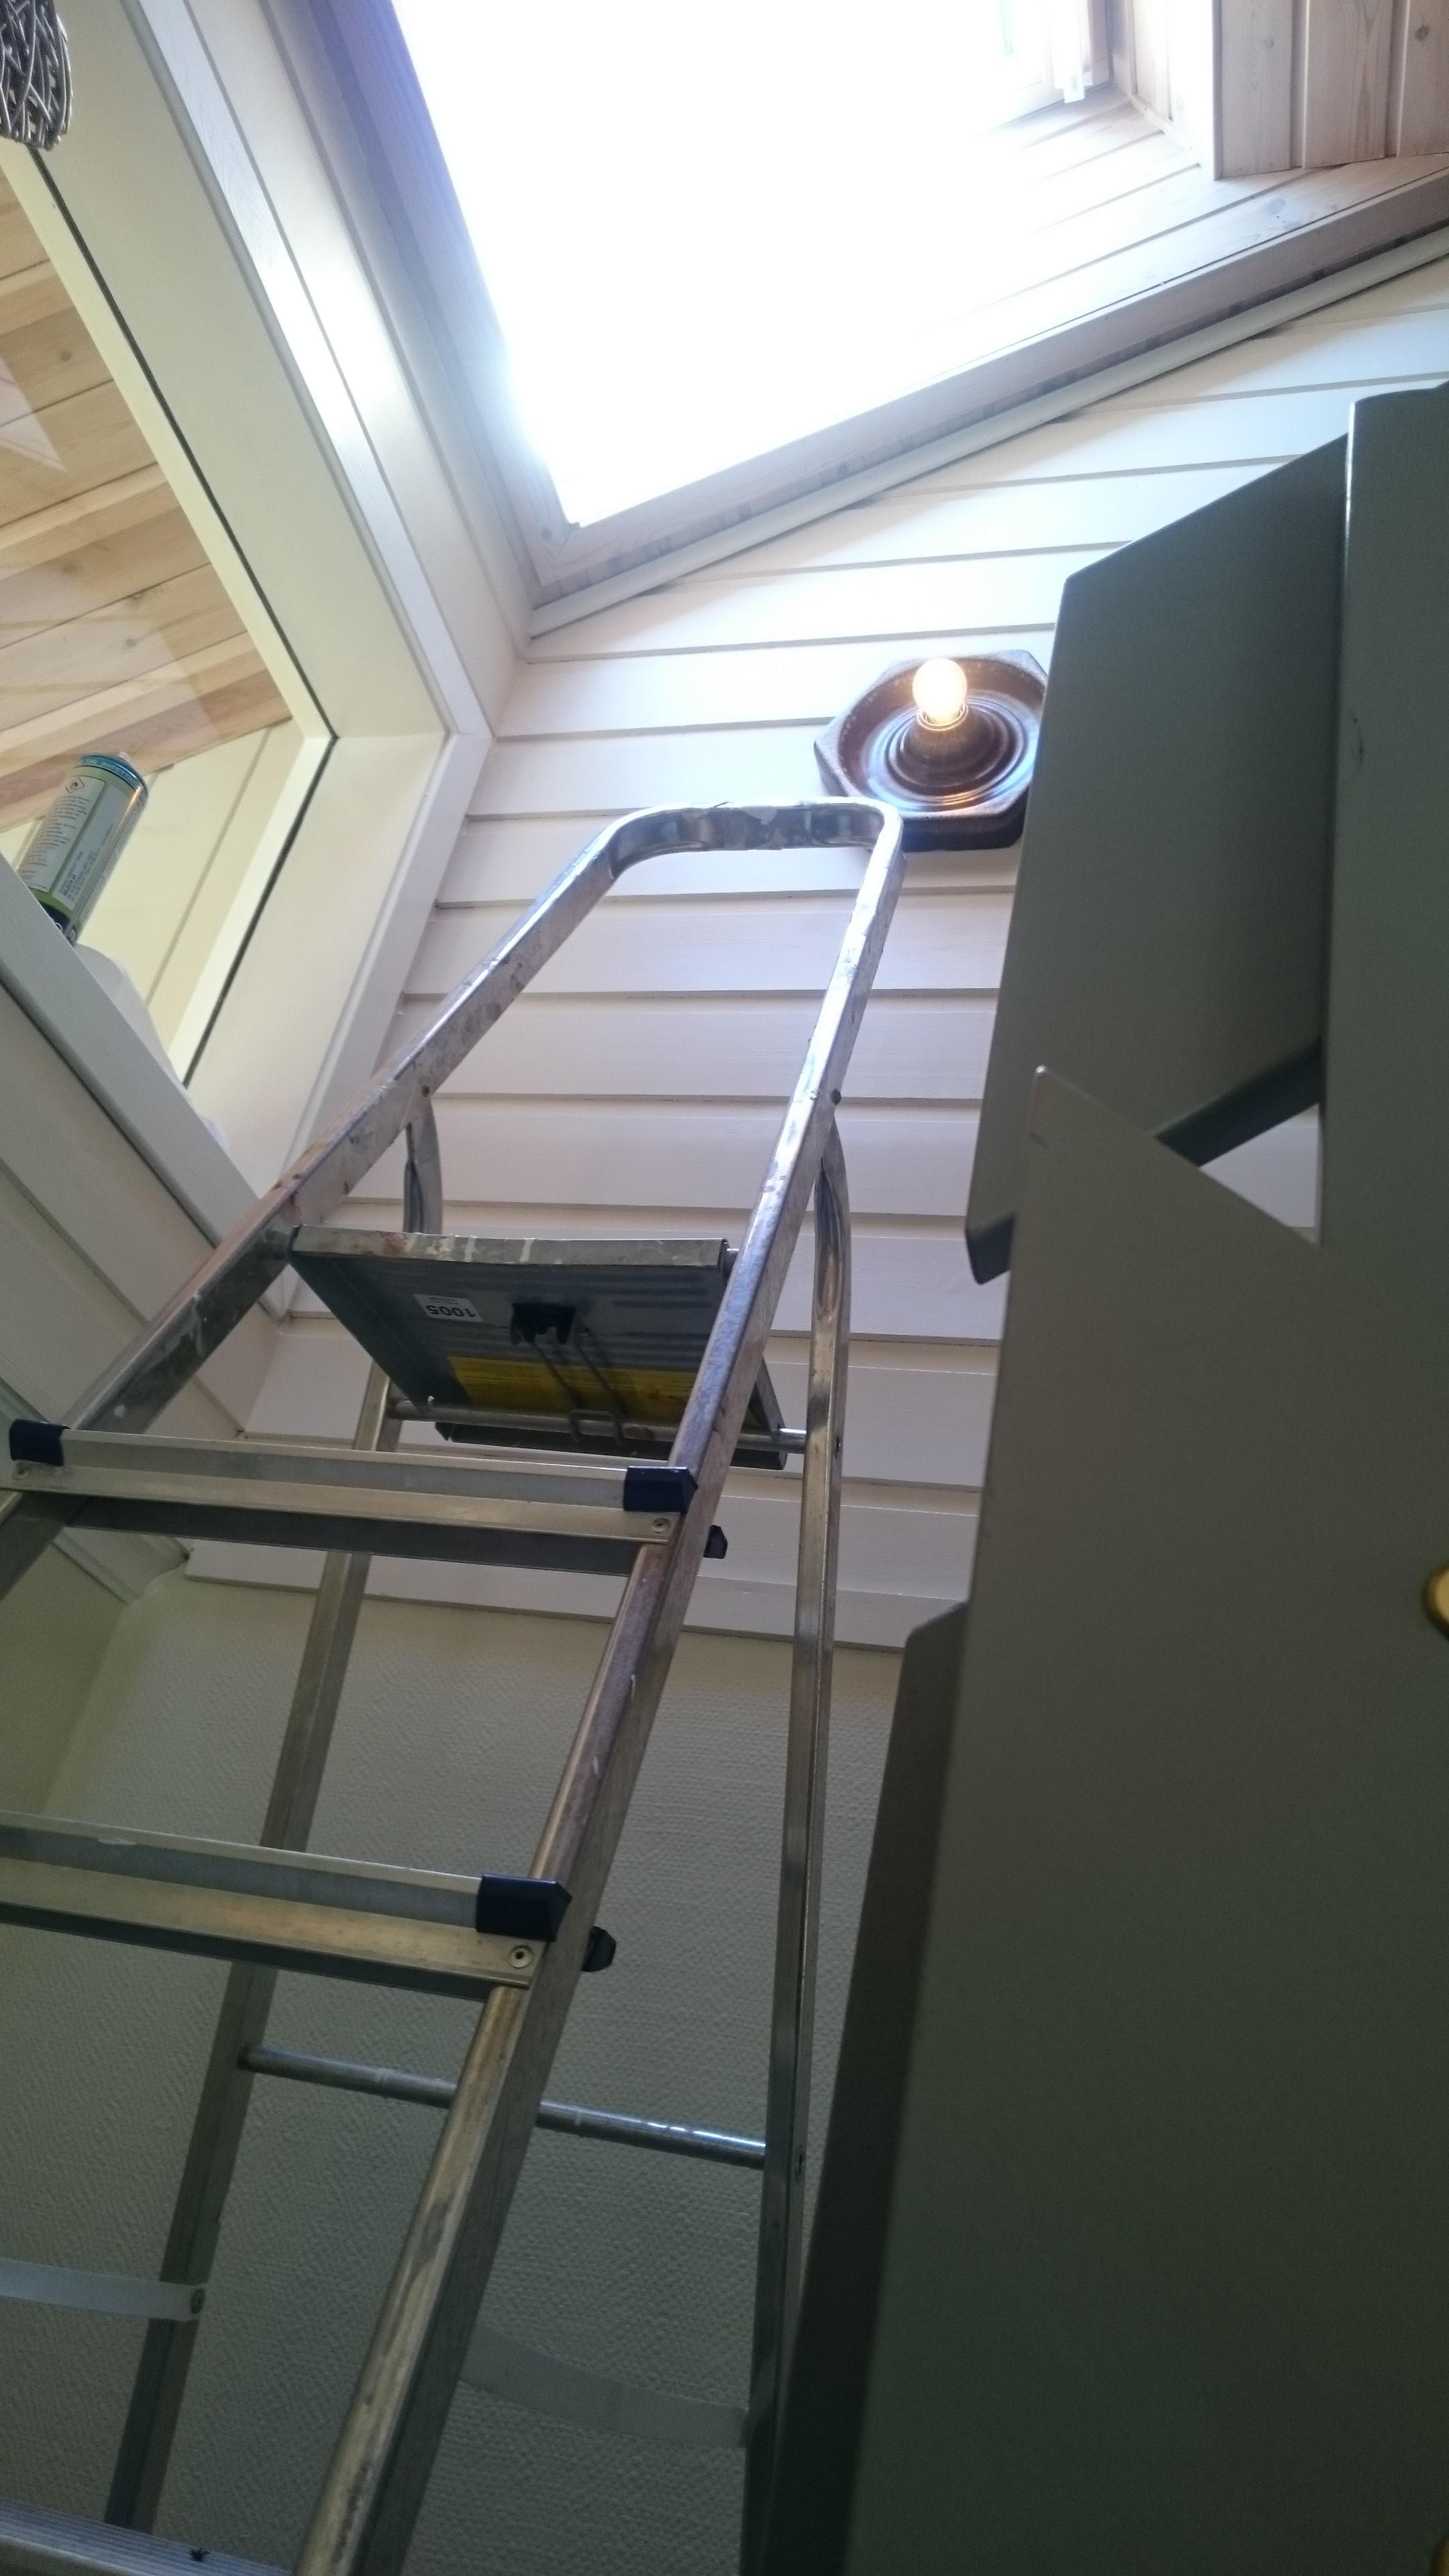 Litt balansering i gardintrapp måtte til.